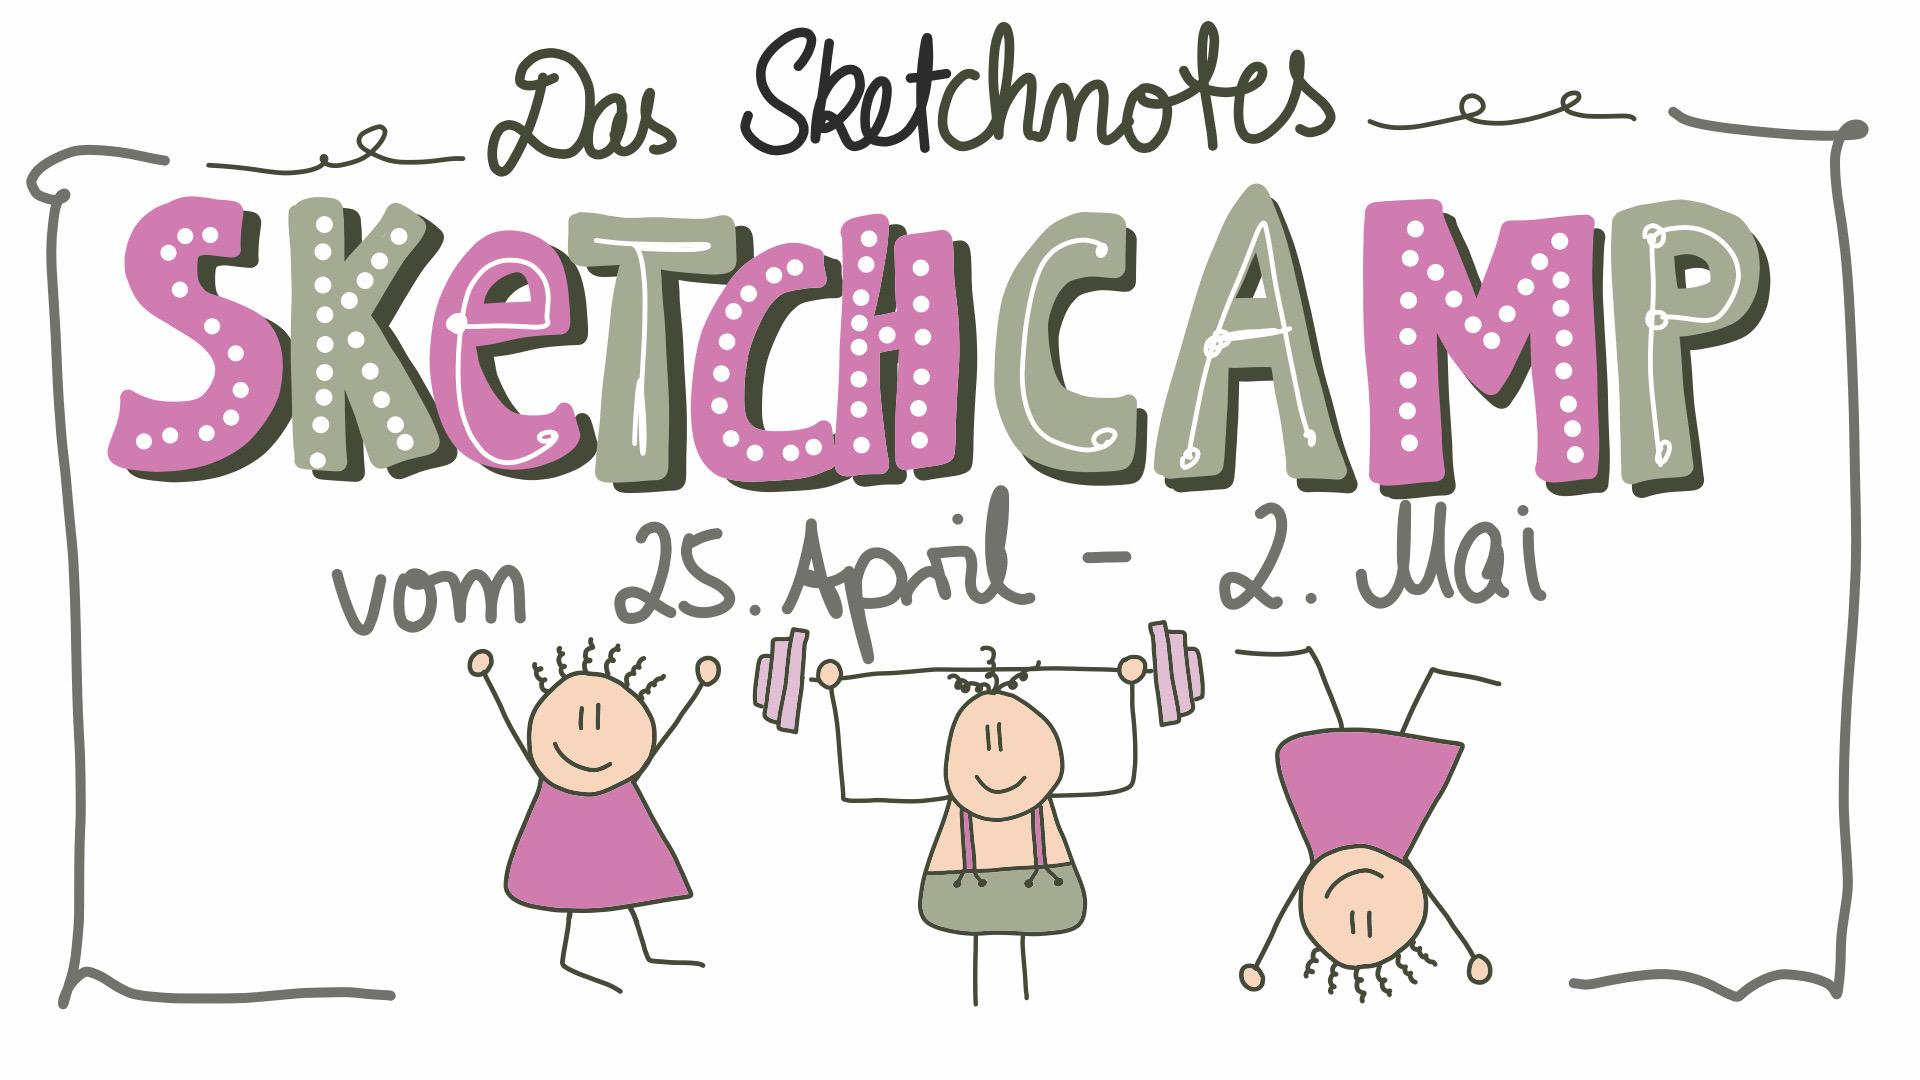 Das Sketchnotes Sketchcamp - 25. April bis 2. Mai